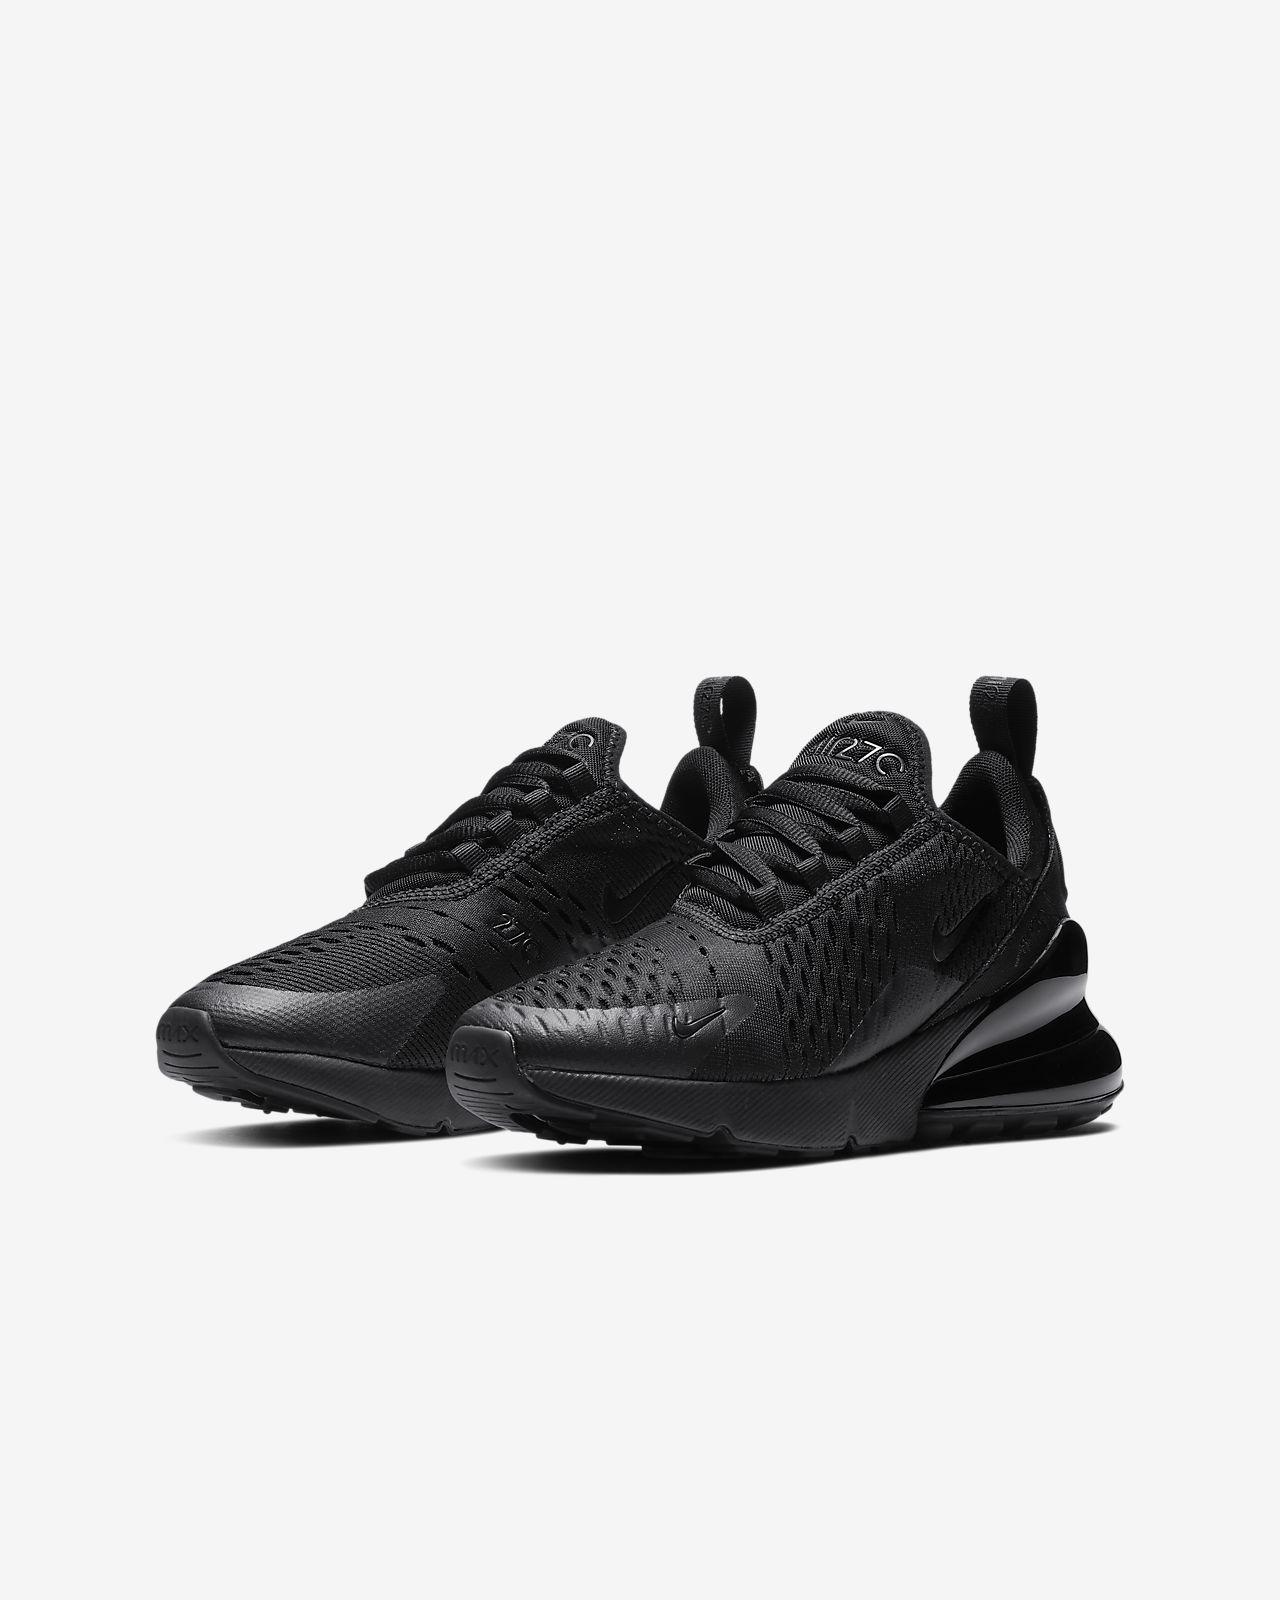 Promoción Del Viernes Negro Exterior Nike Air Max 270